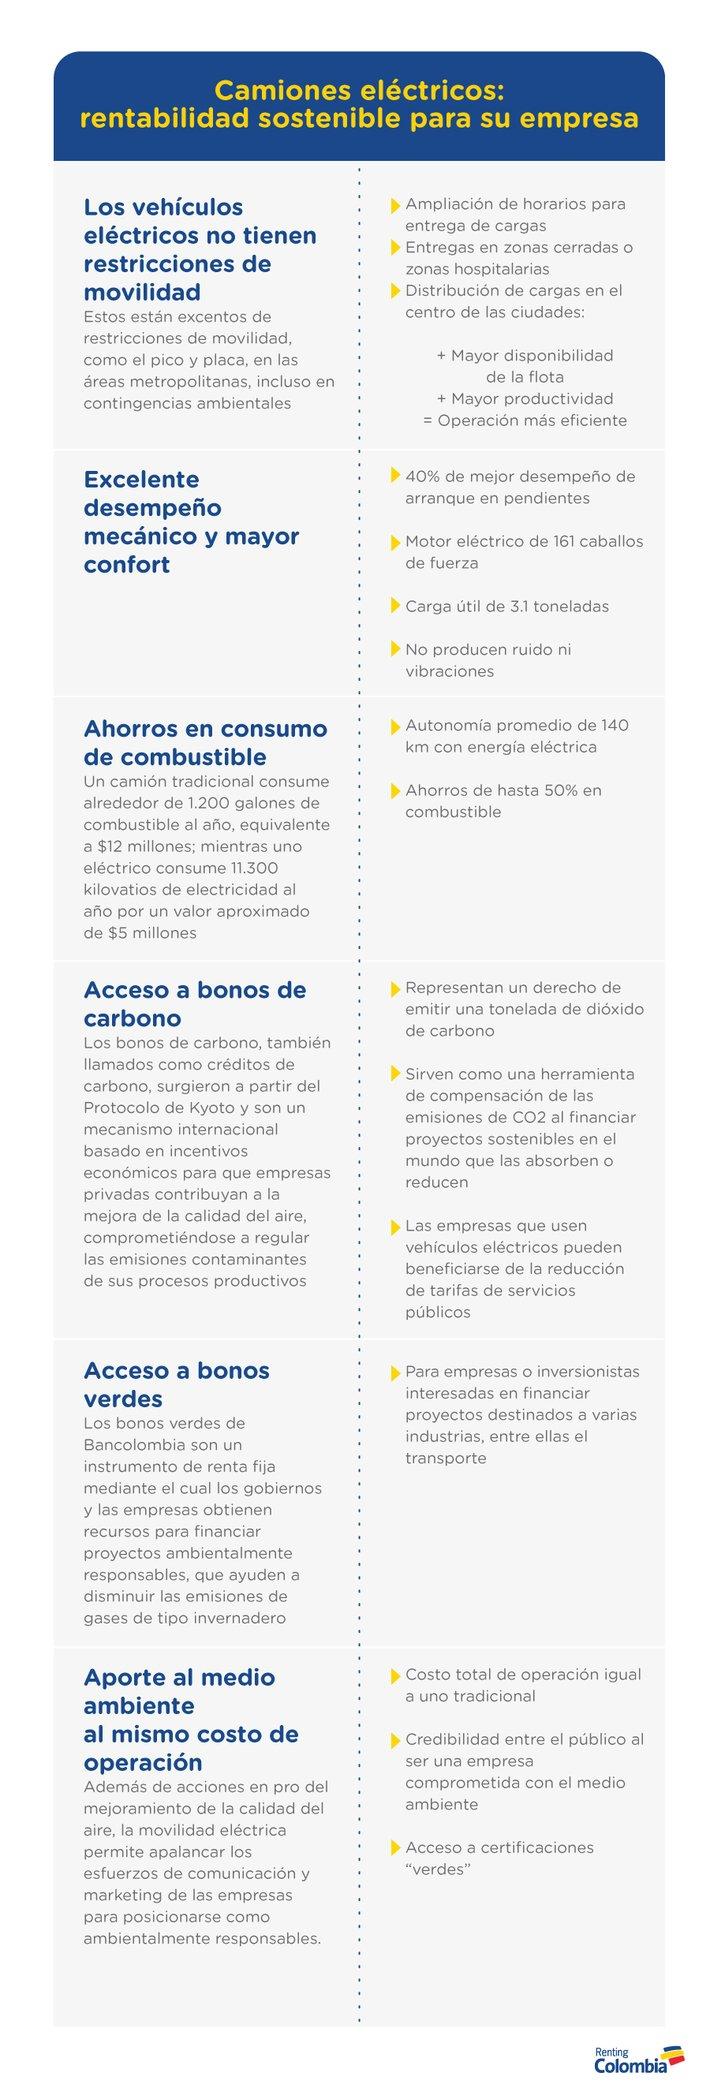 Renting-Colombia---contingencia-ambiental--Infografía-sep25-02